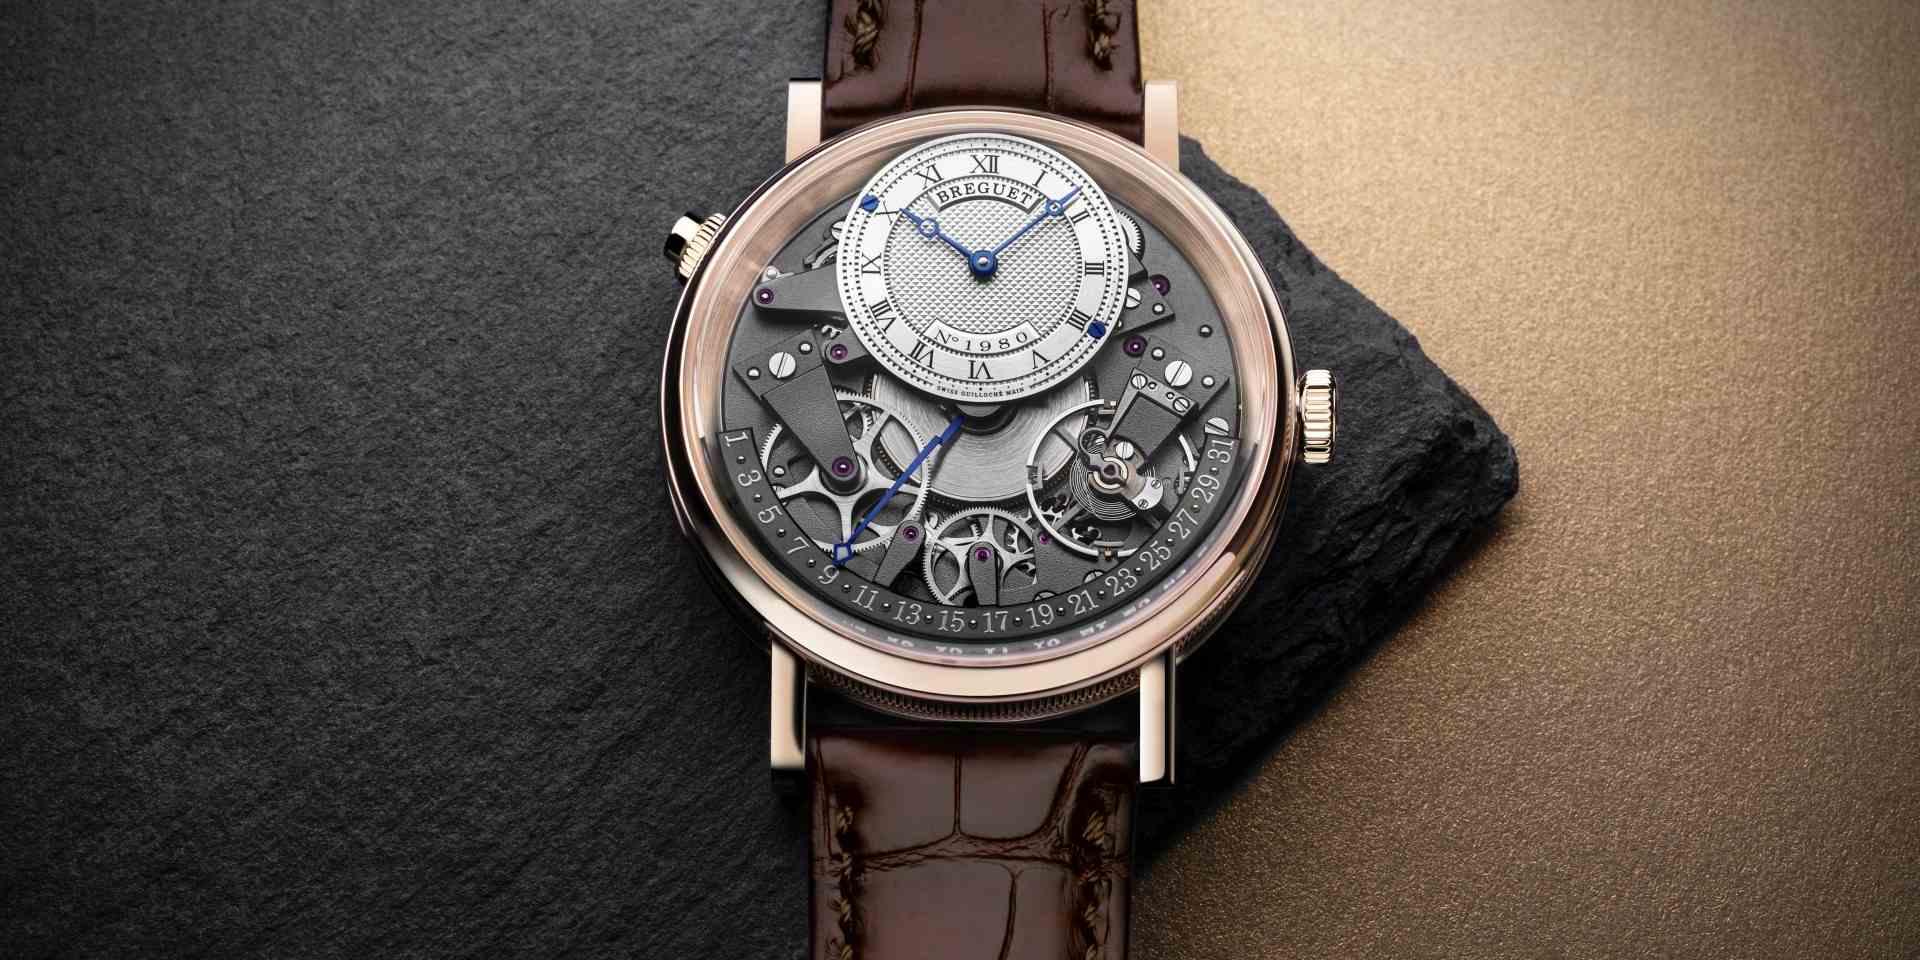 寶璣傳世系列Tradition Quantième Rétrograde 7597日期逆跳腕錶